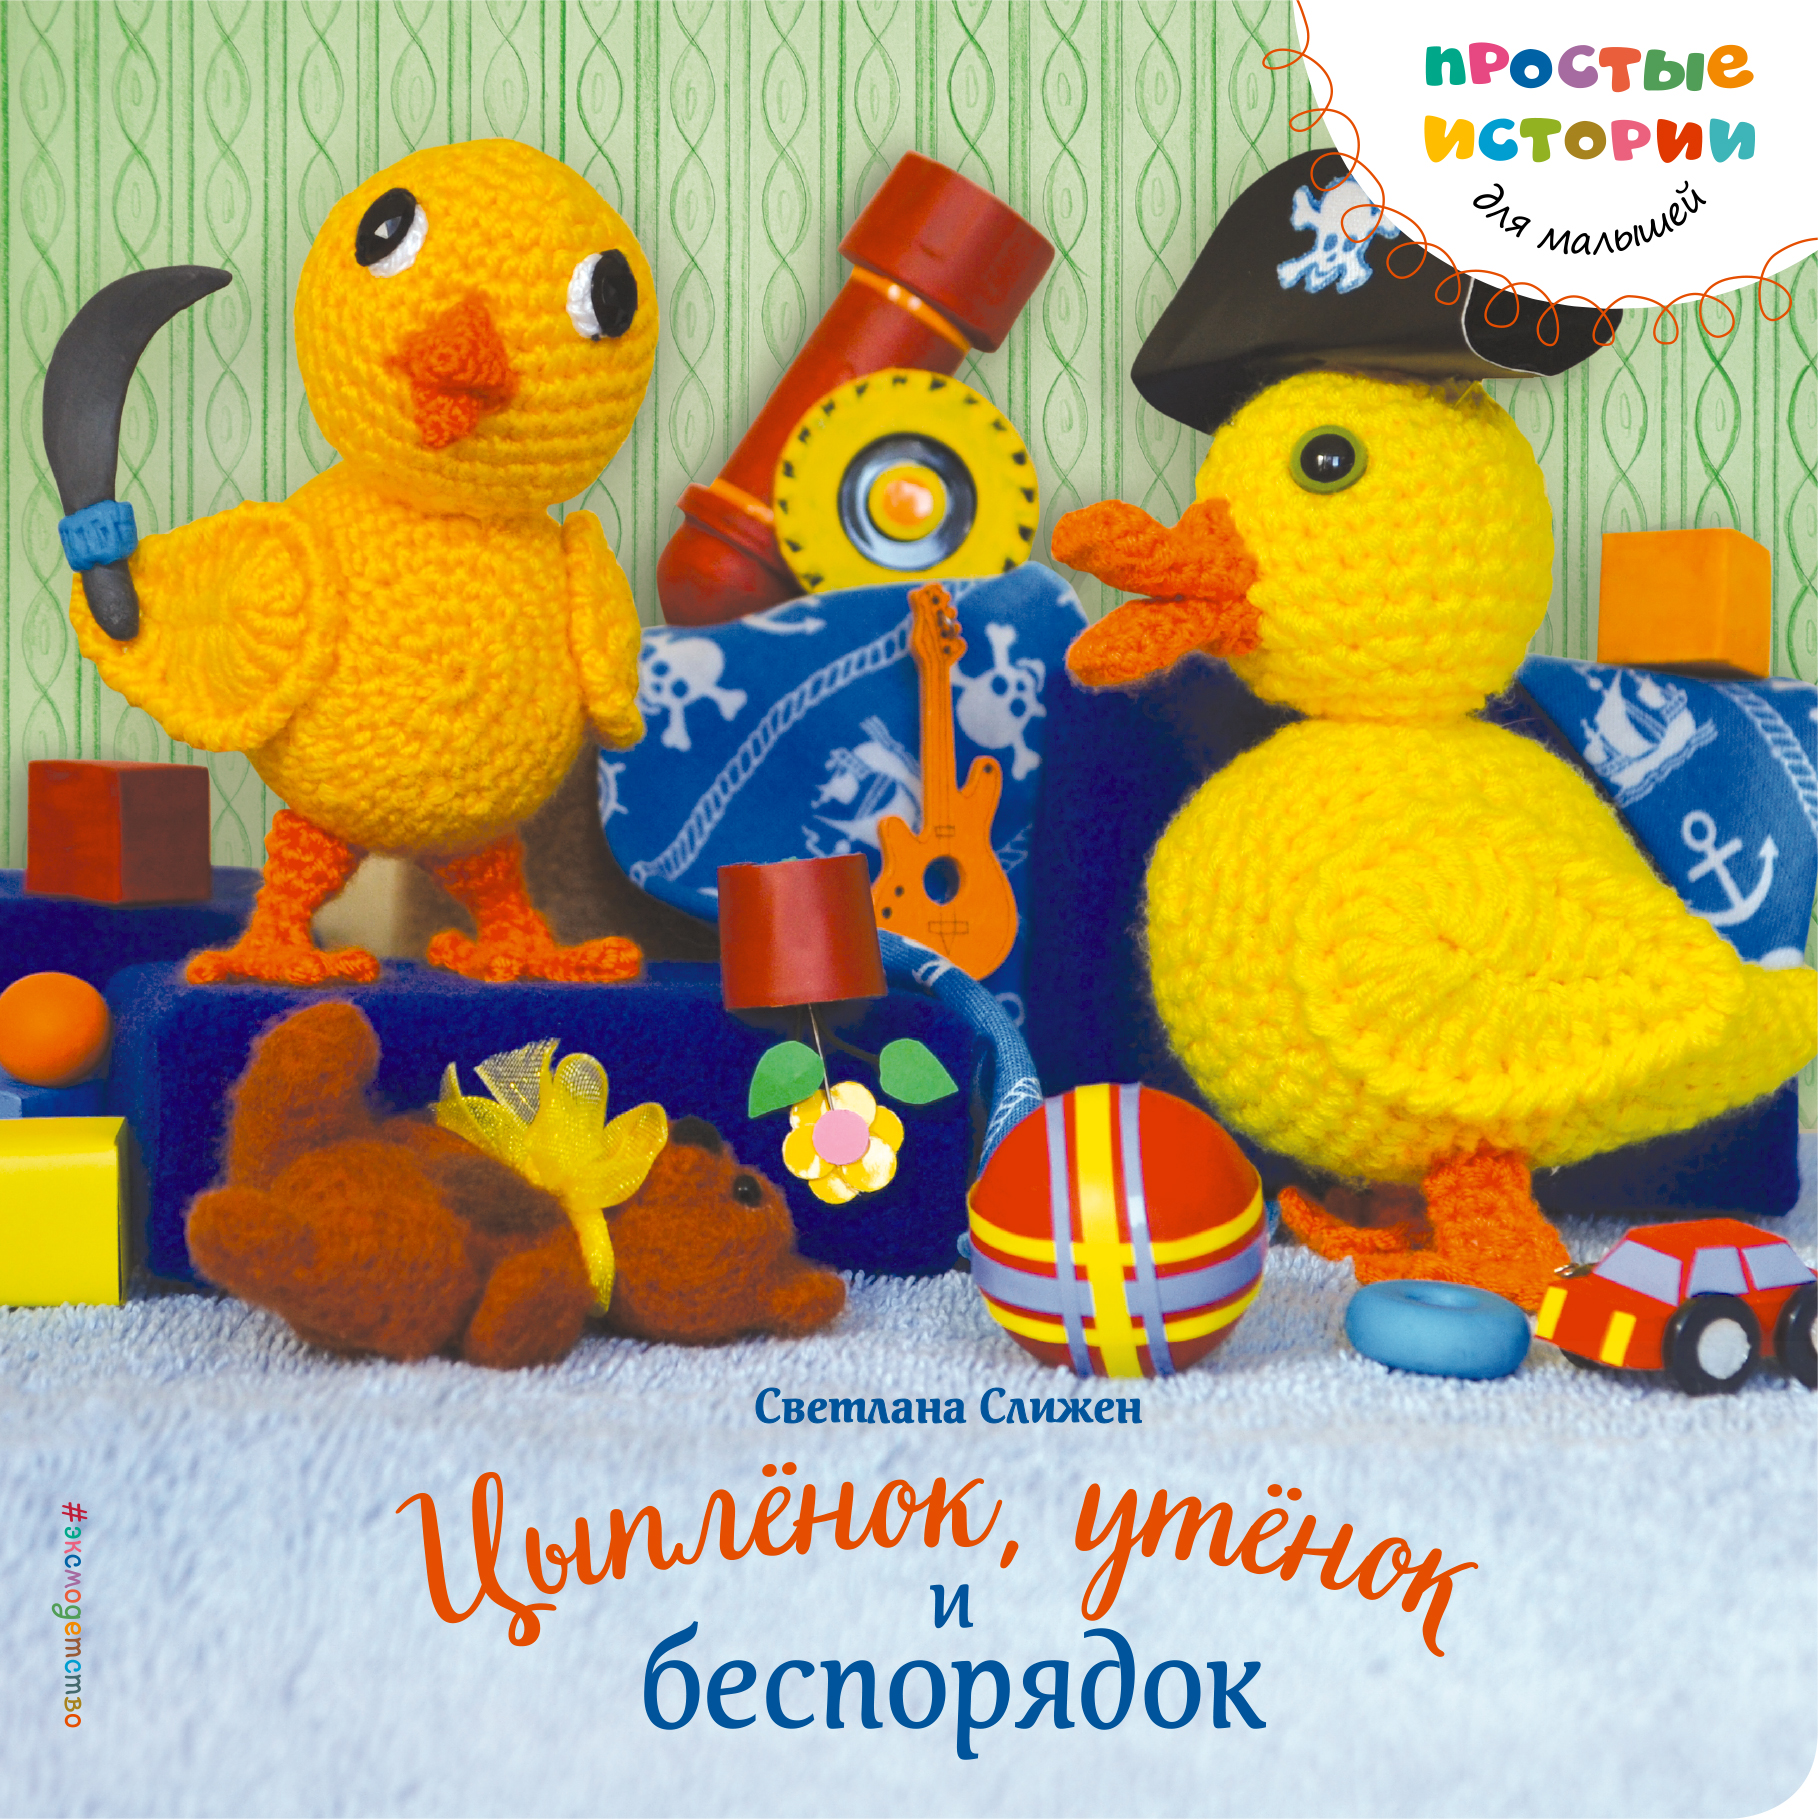 Слижен С.Г. Цыпленок, утенок и беспорядок слижен с г самые красивые детские пледы подушки игрушки и слингобусы связанные крючком